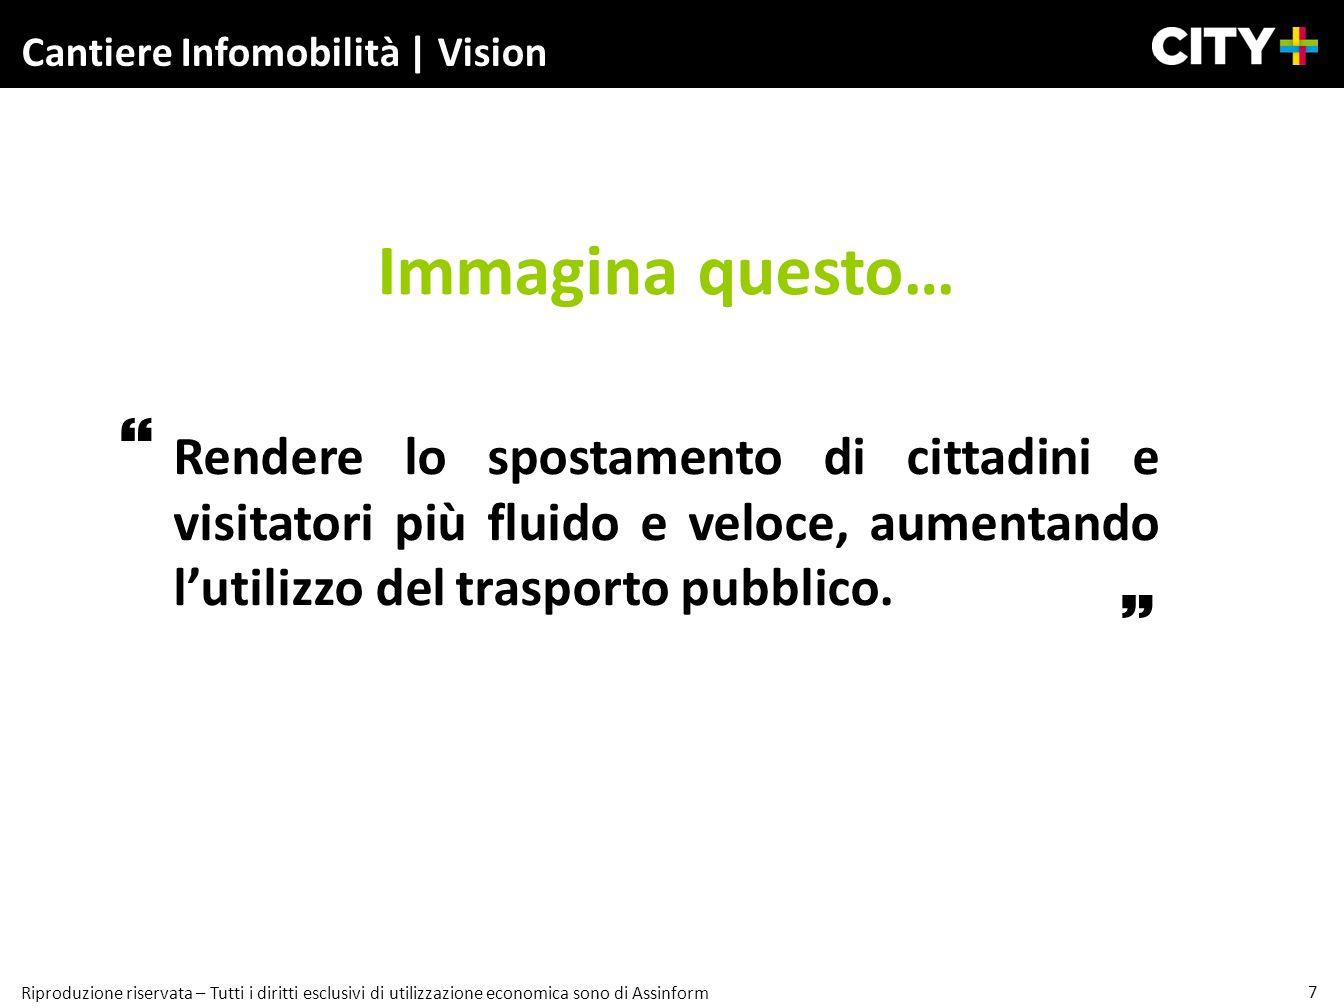 Cantiere Infomobilità | Vision